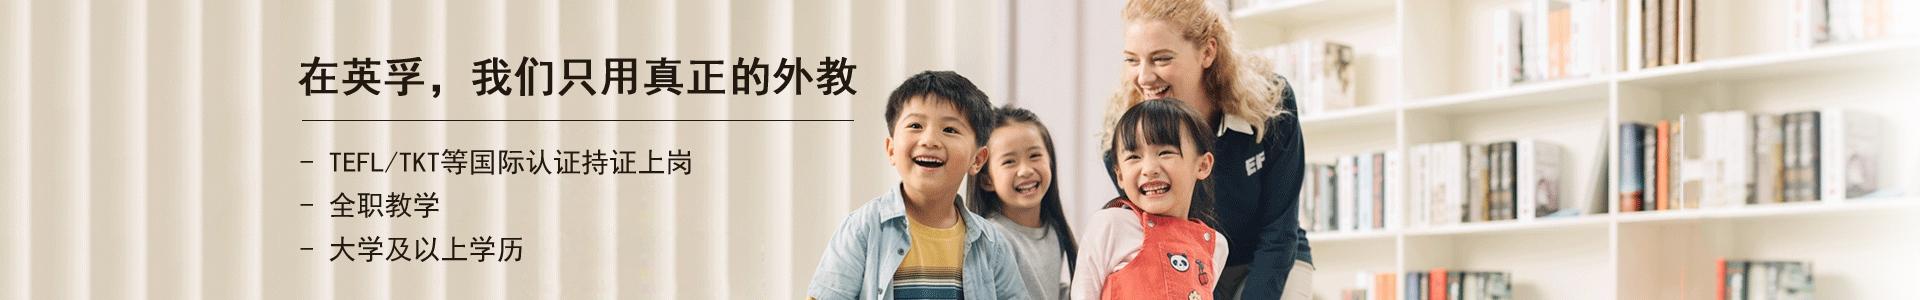 深圳英孚少儿英语培训机构